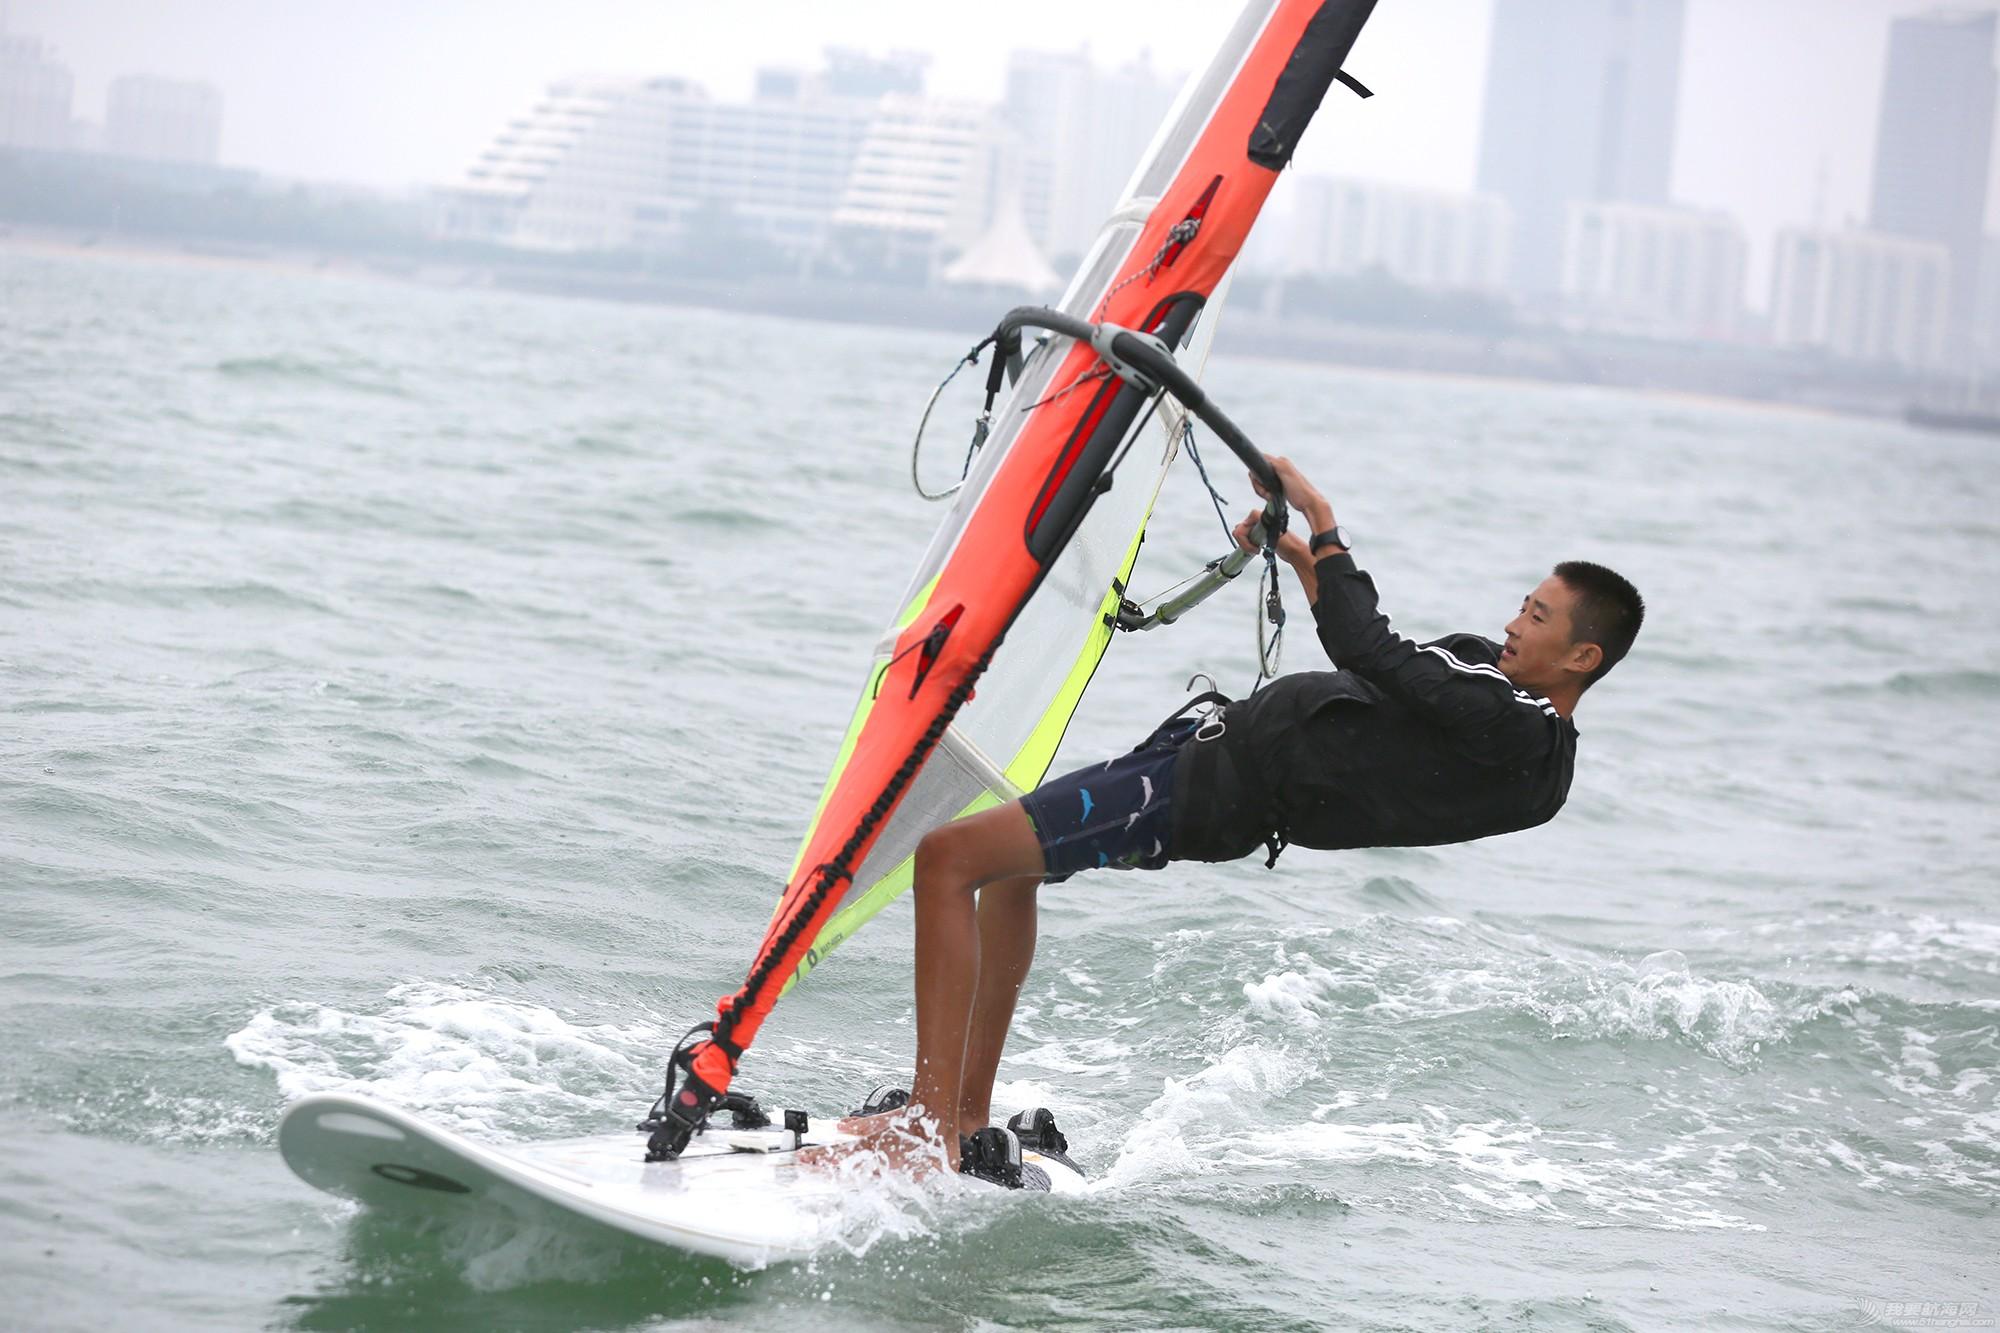 山东省,运动员,冠军赛,天气,帆板 风生水起,怎奈个个都是浪里白条——山东省帆船帆板冠军赛第二天赛况 5V8A1778副本.jpg